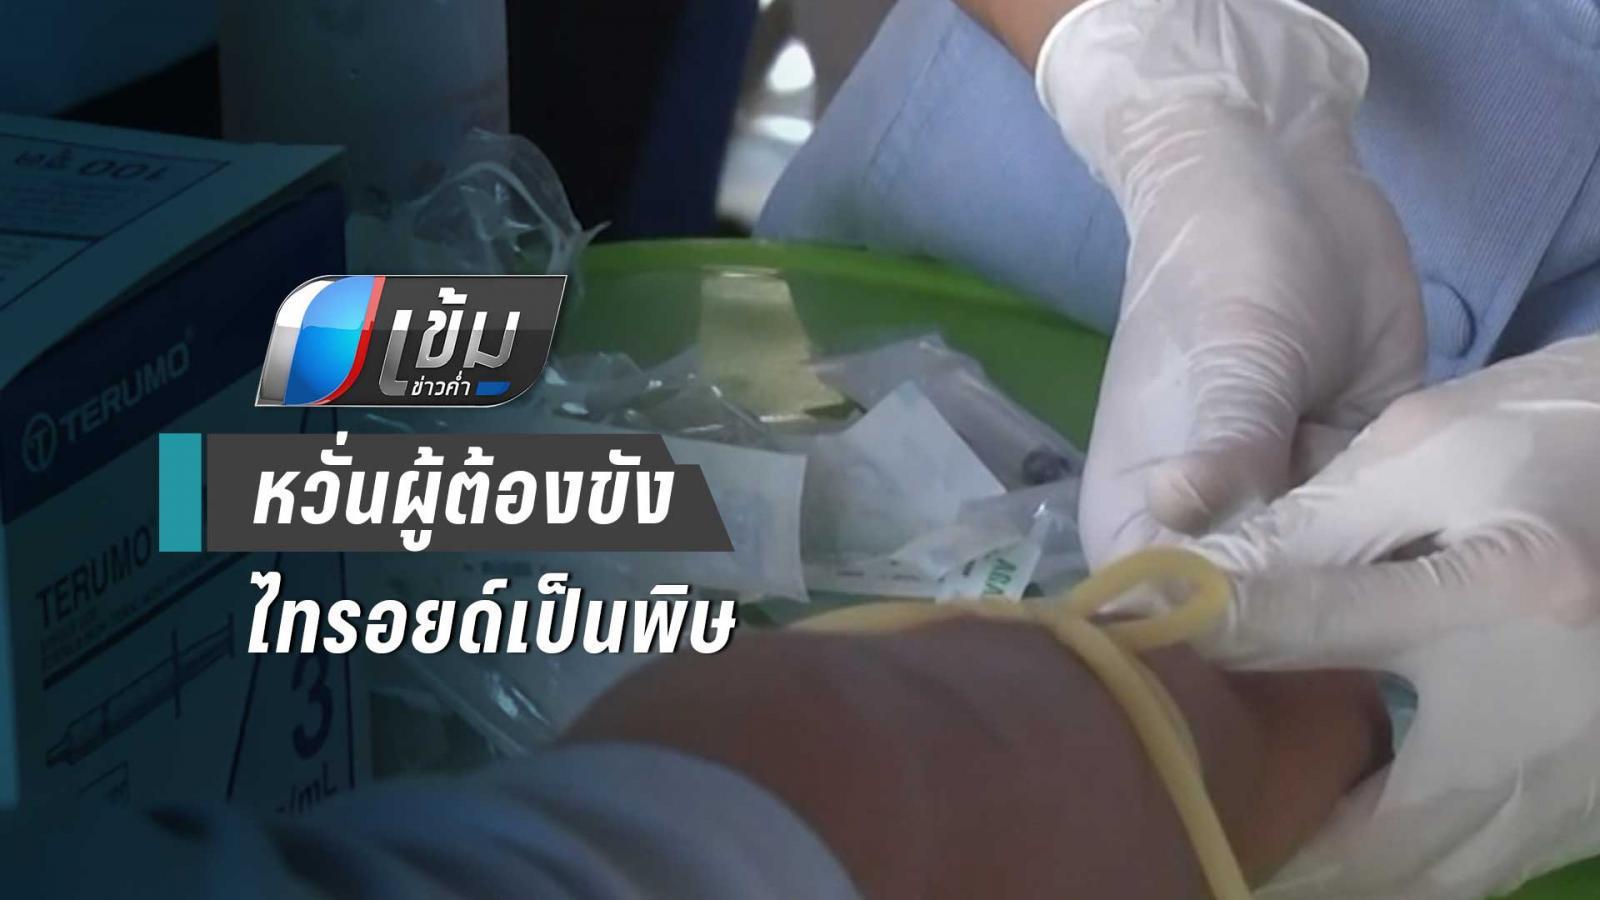 ตรวจเลือดผู้ต้องขังเรือนจำพิษณุโลก หวั่นไทรอยด์เป็นพิษ